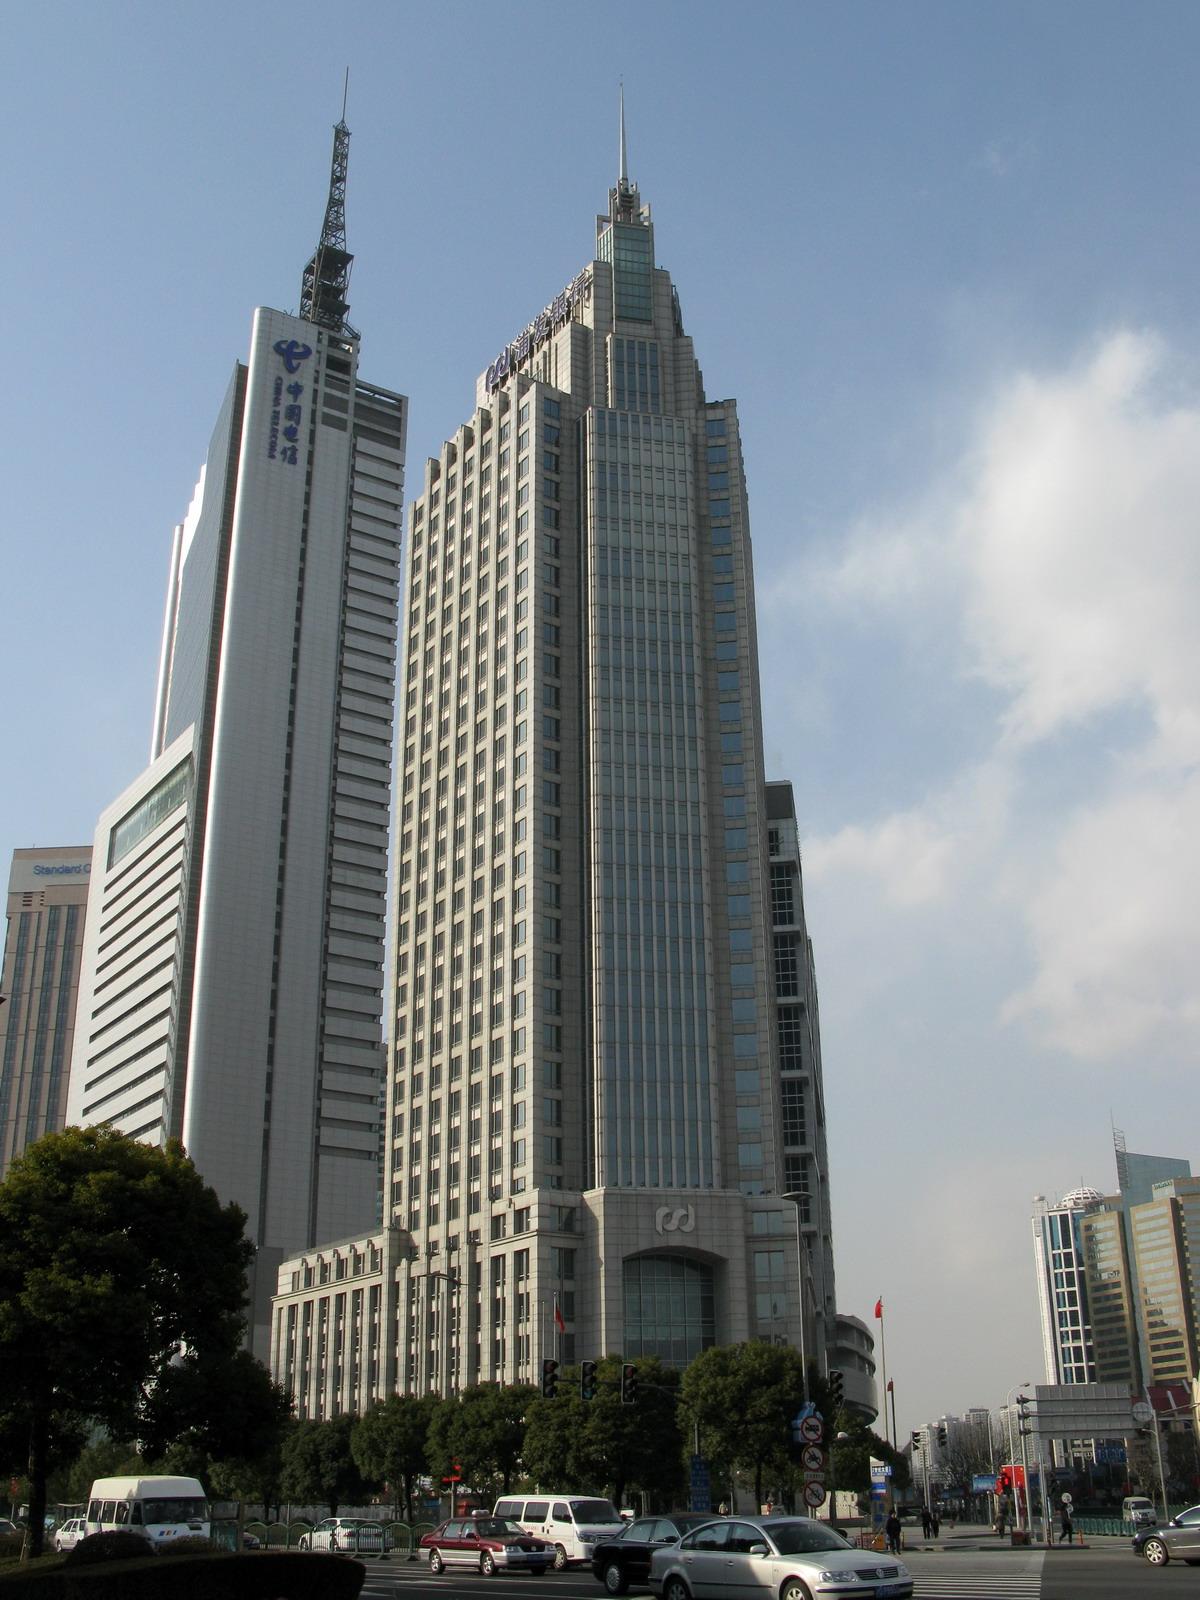 上海浦东发展_上海浦东发展银行 - 维基百科,自由的百科全书